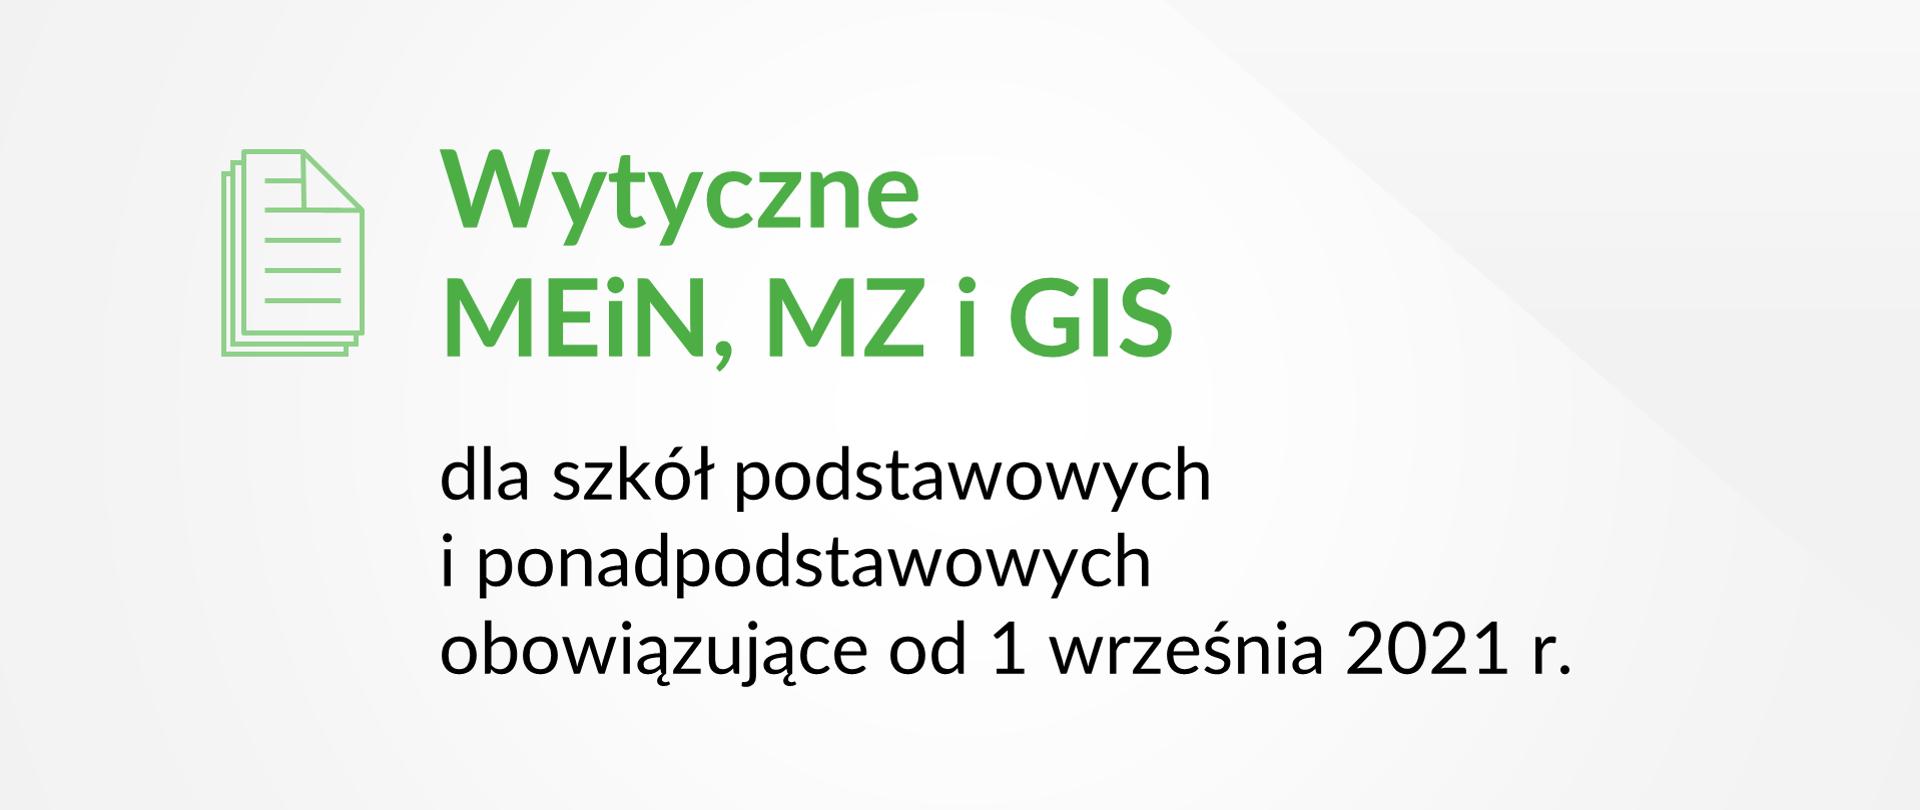 Po lewej stronie piktogram dokumentów po prawej stronie Wytyczne MEiN, MZ i GIS dla szkół podstawowych i ponadpodstawowych obowiązujące od 1 września 2021 r. Piktogram i napis Wytyczne MEiN, MZ i GS są w kolorze zielonym.